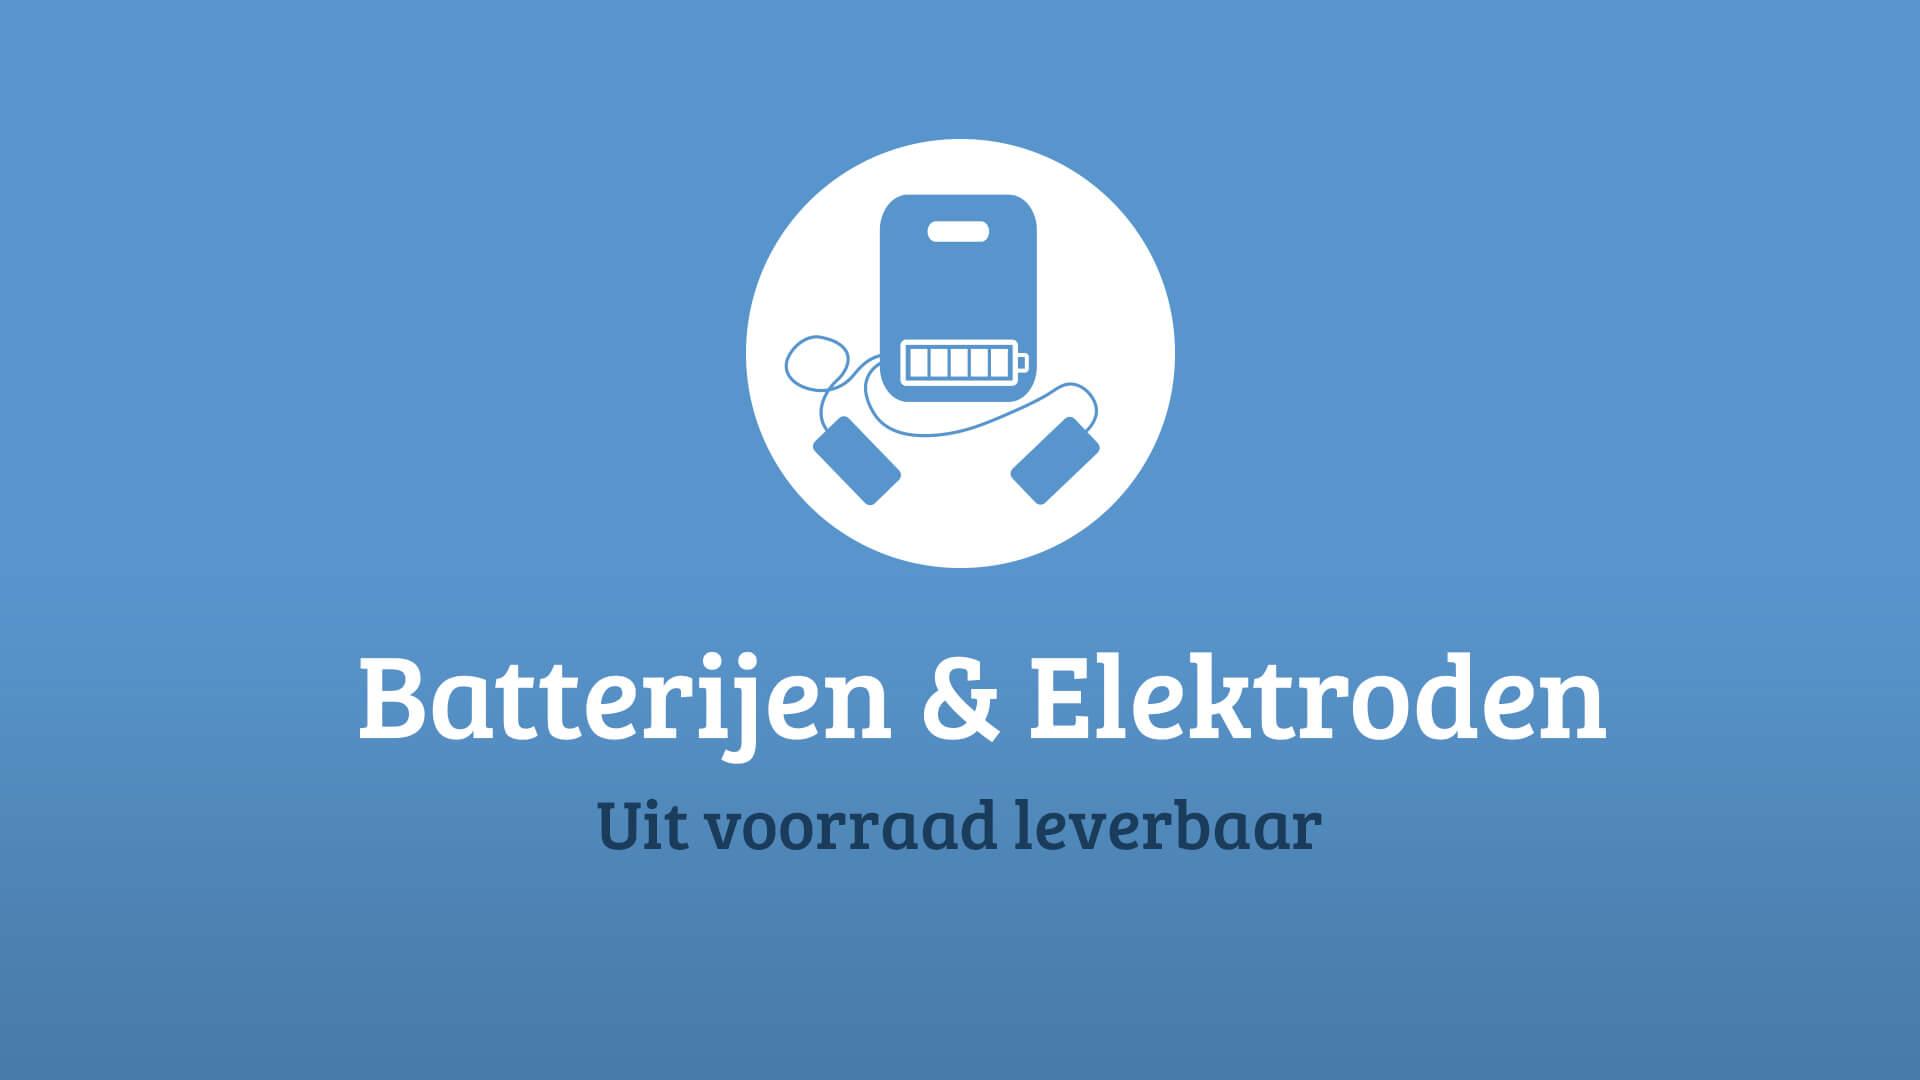 Alle elektroden en batterijen in een overzicht